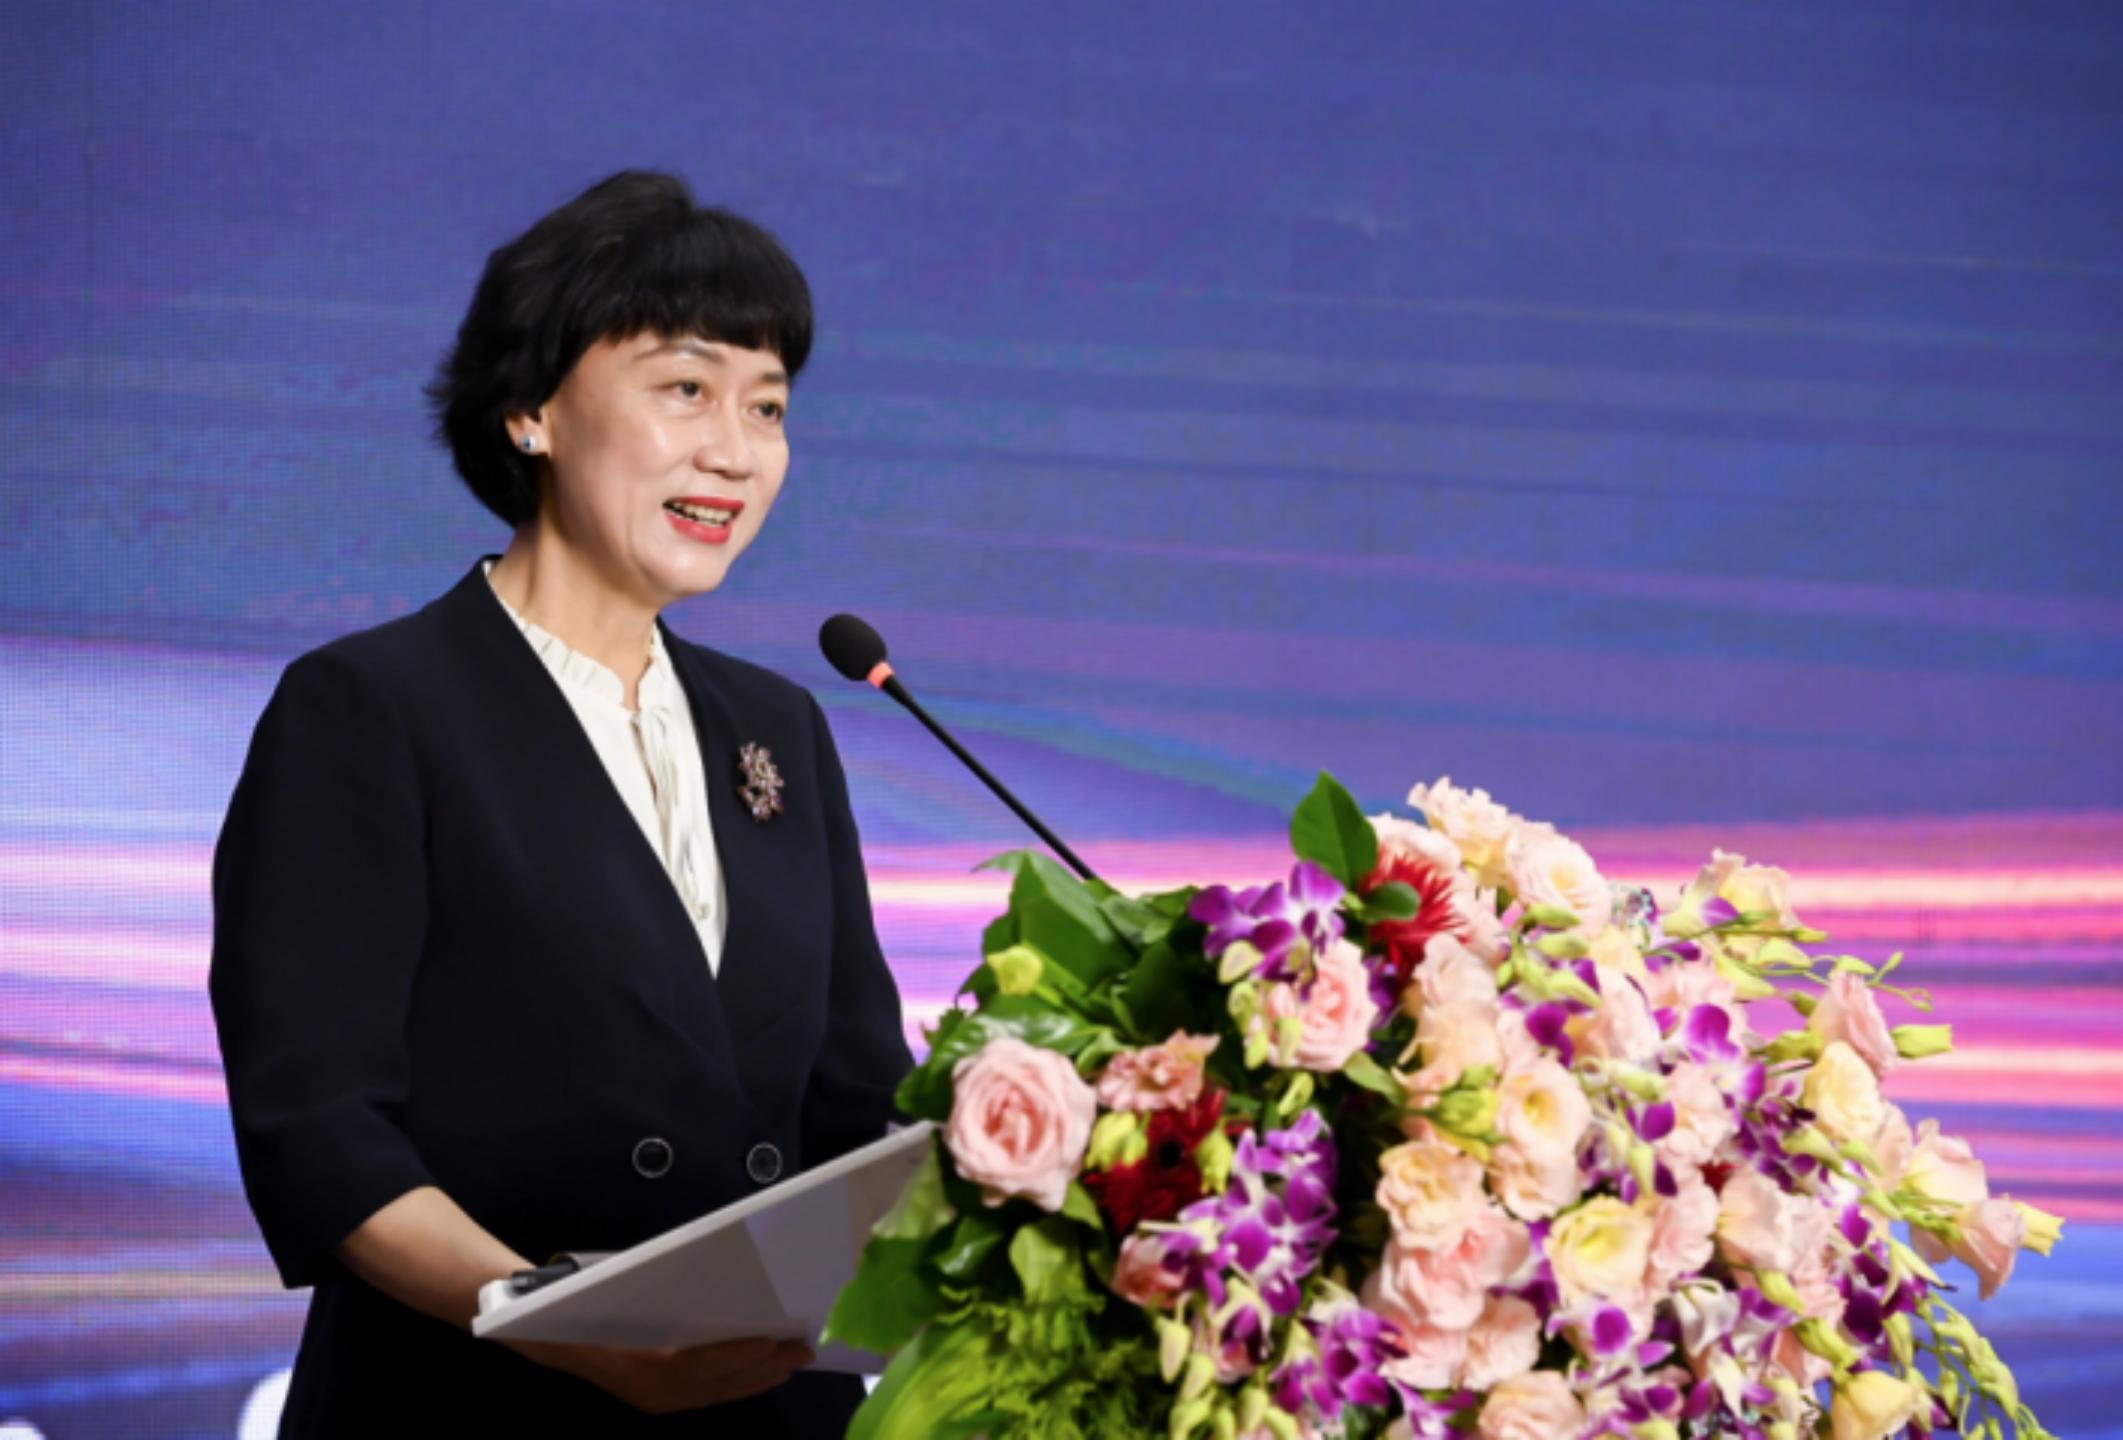 中国汽车标准国际化中心成立活动圆满举办-第2张图片-汽车笔记网